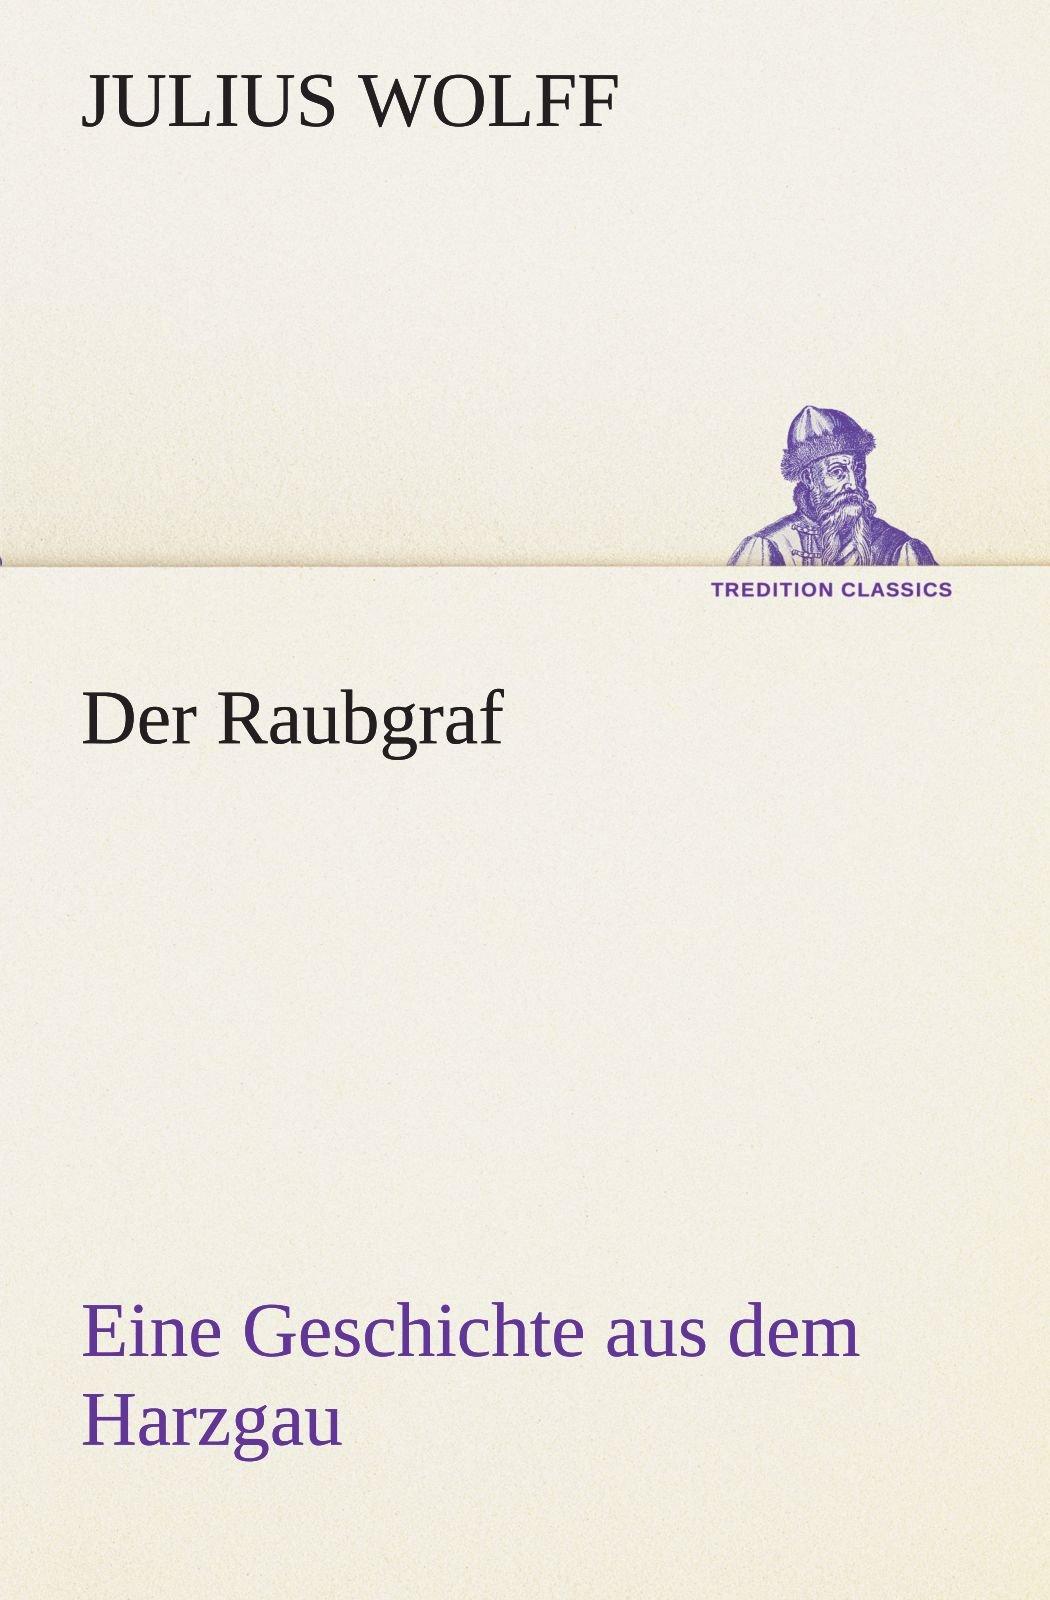 Der Raubgraf: Eine Geschichte aus dem Harzgau (TREDITION CLASSICS)